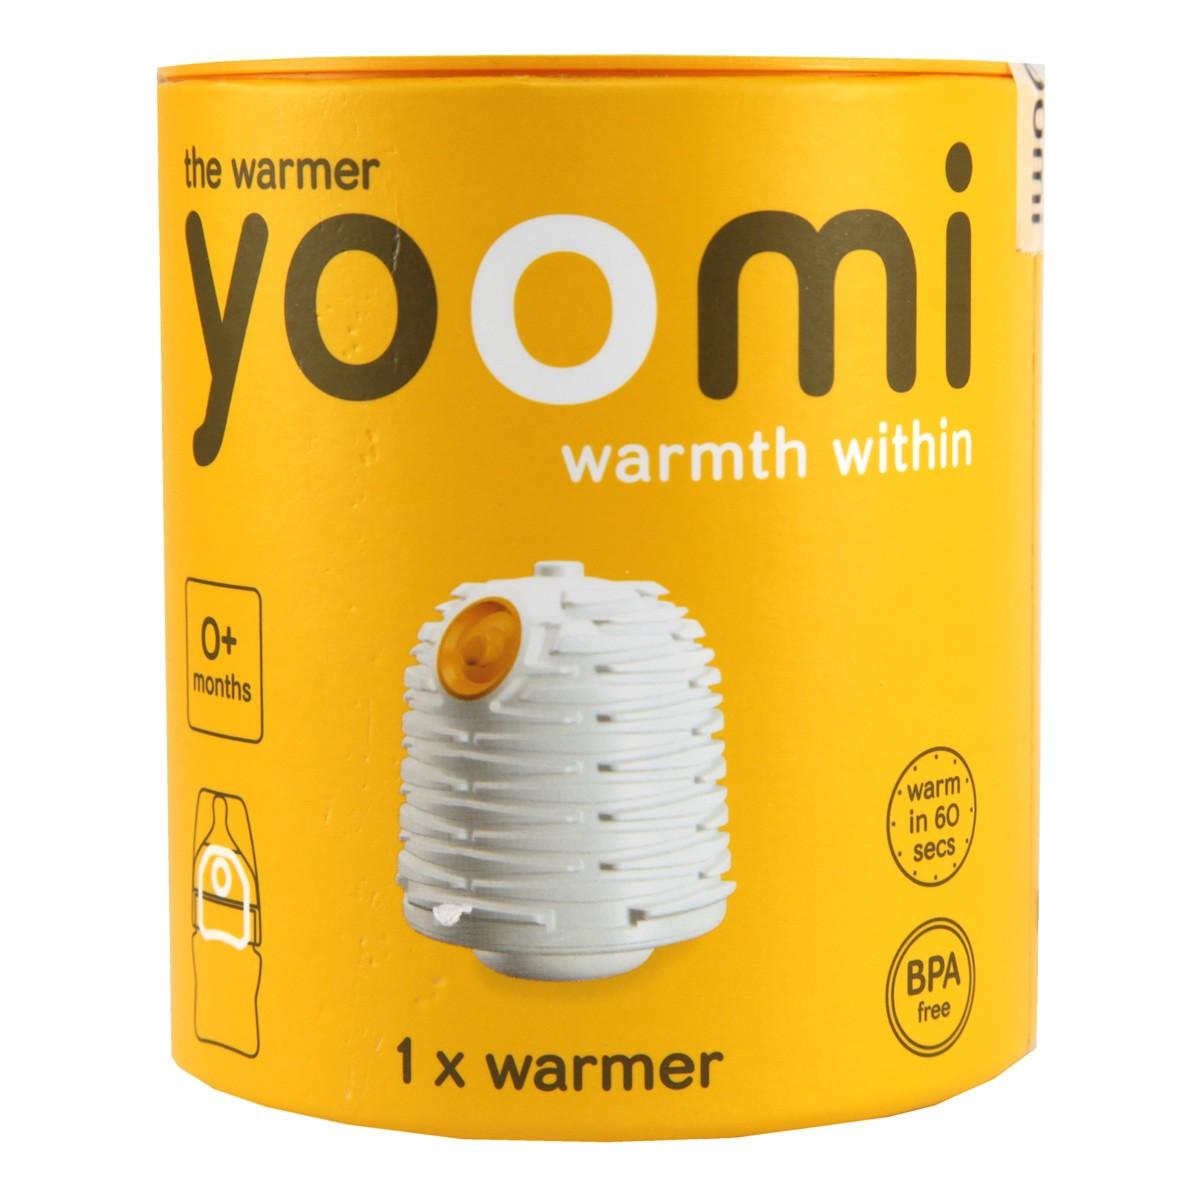 Yoomi The Warmer